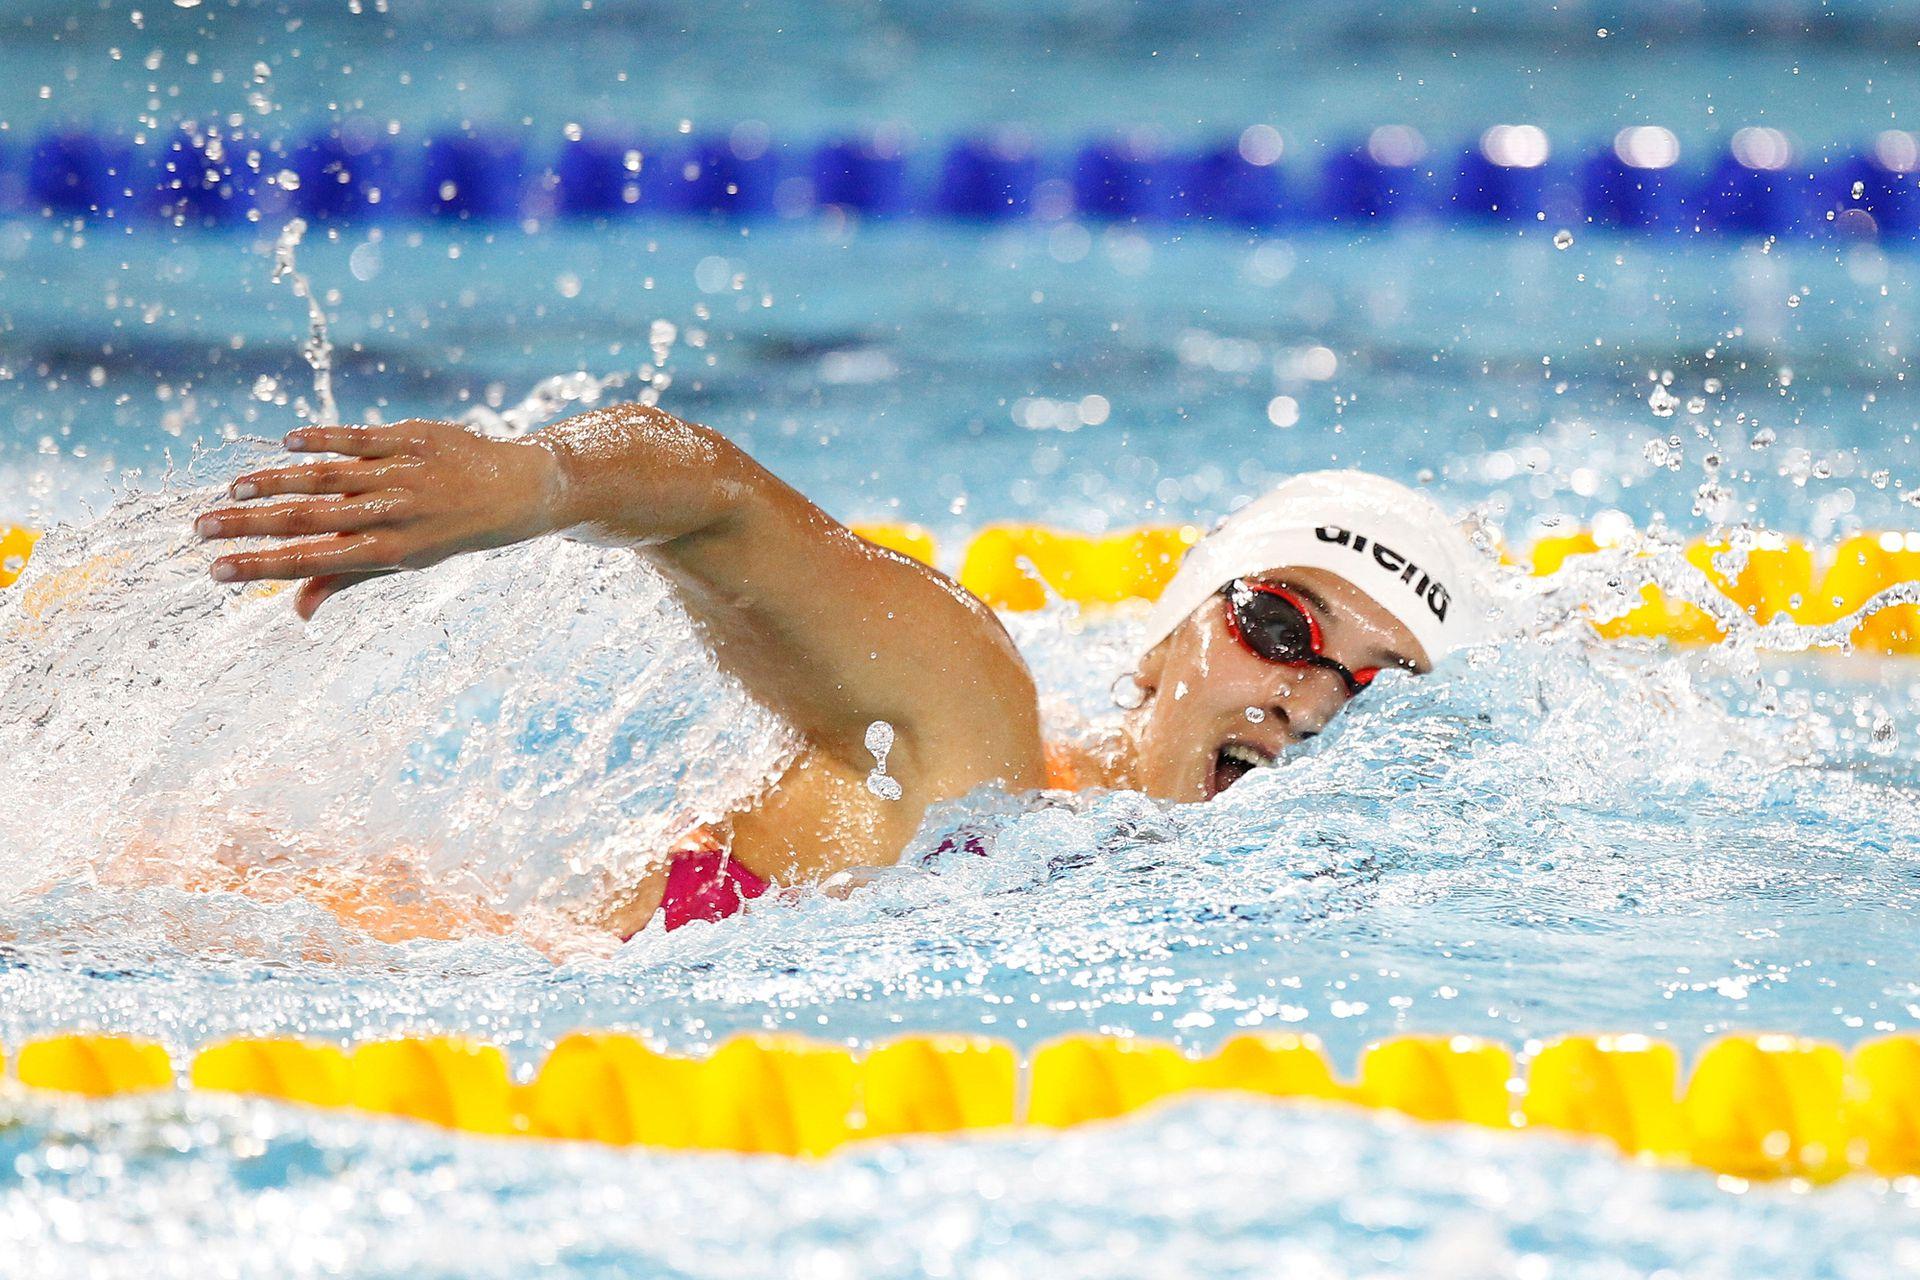 .Juegos Olímpicos de la Juventud, final de Mujeres 400 metros libre. Delfina Pignatiello medala de plata